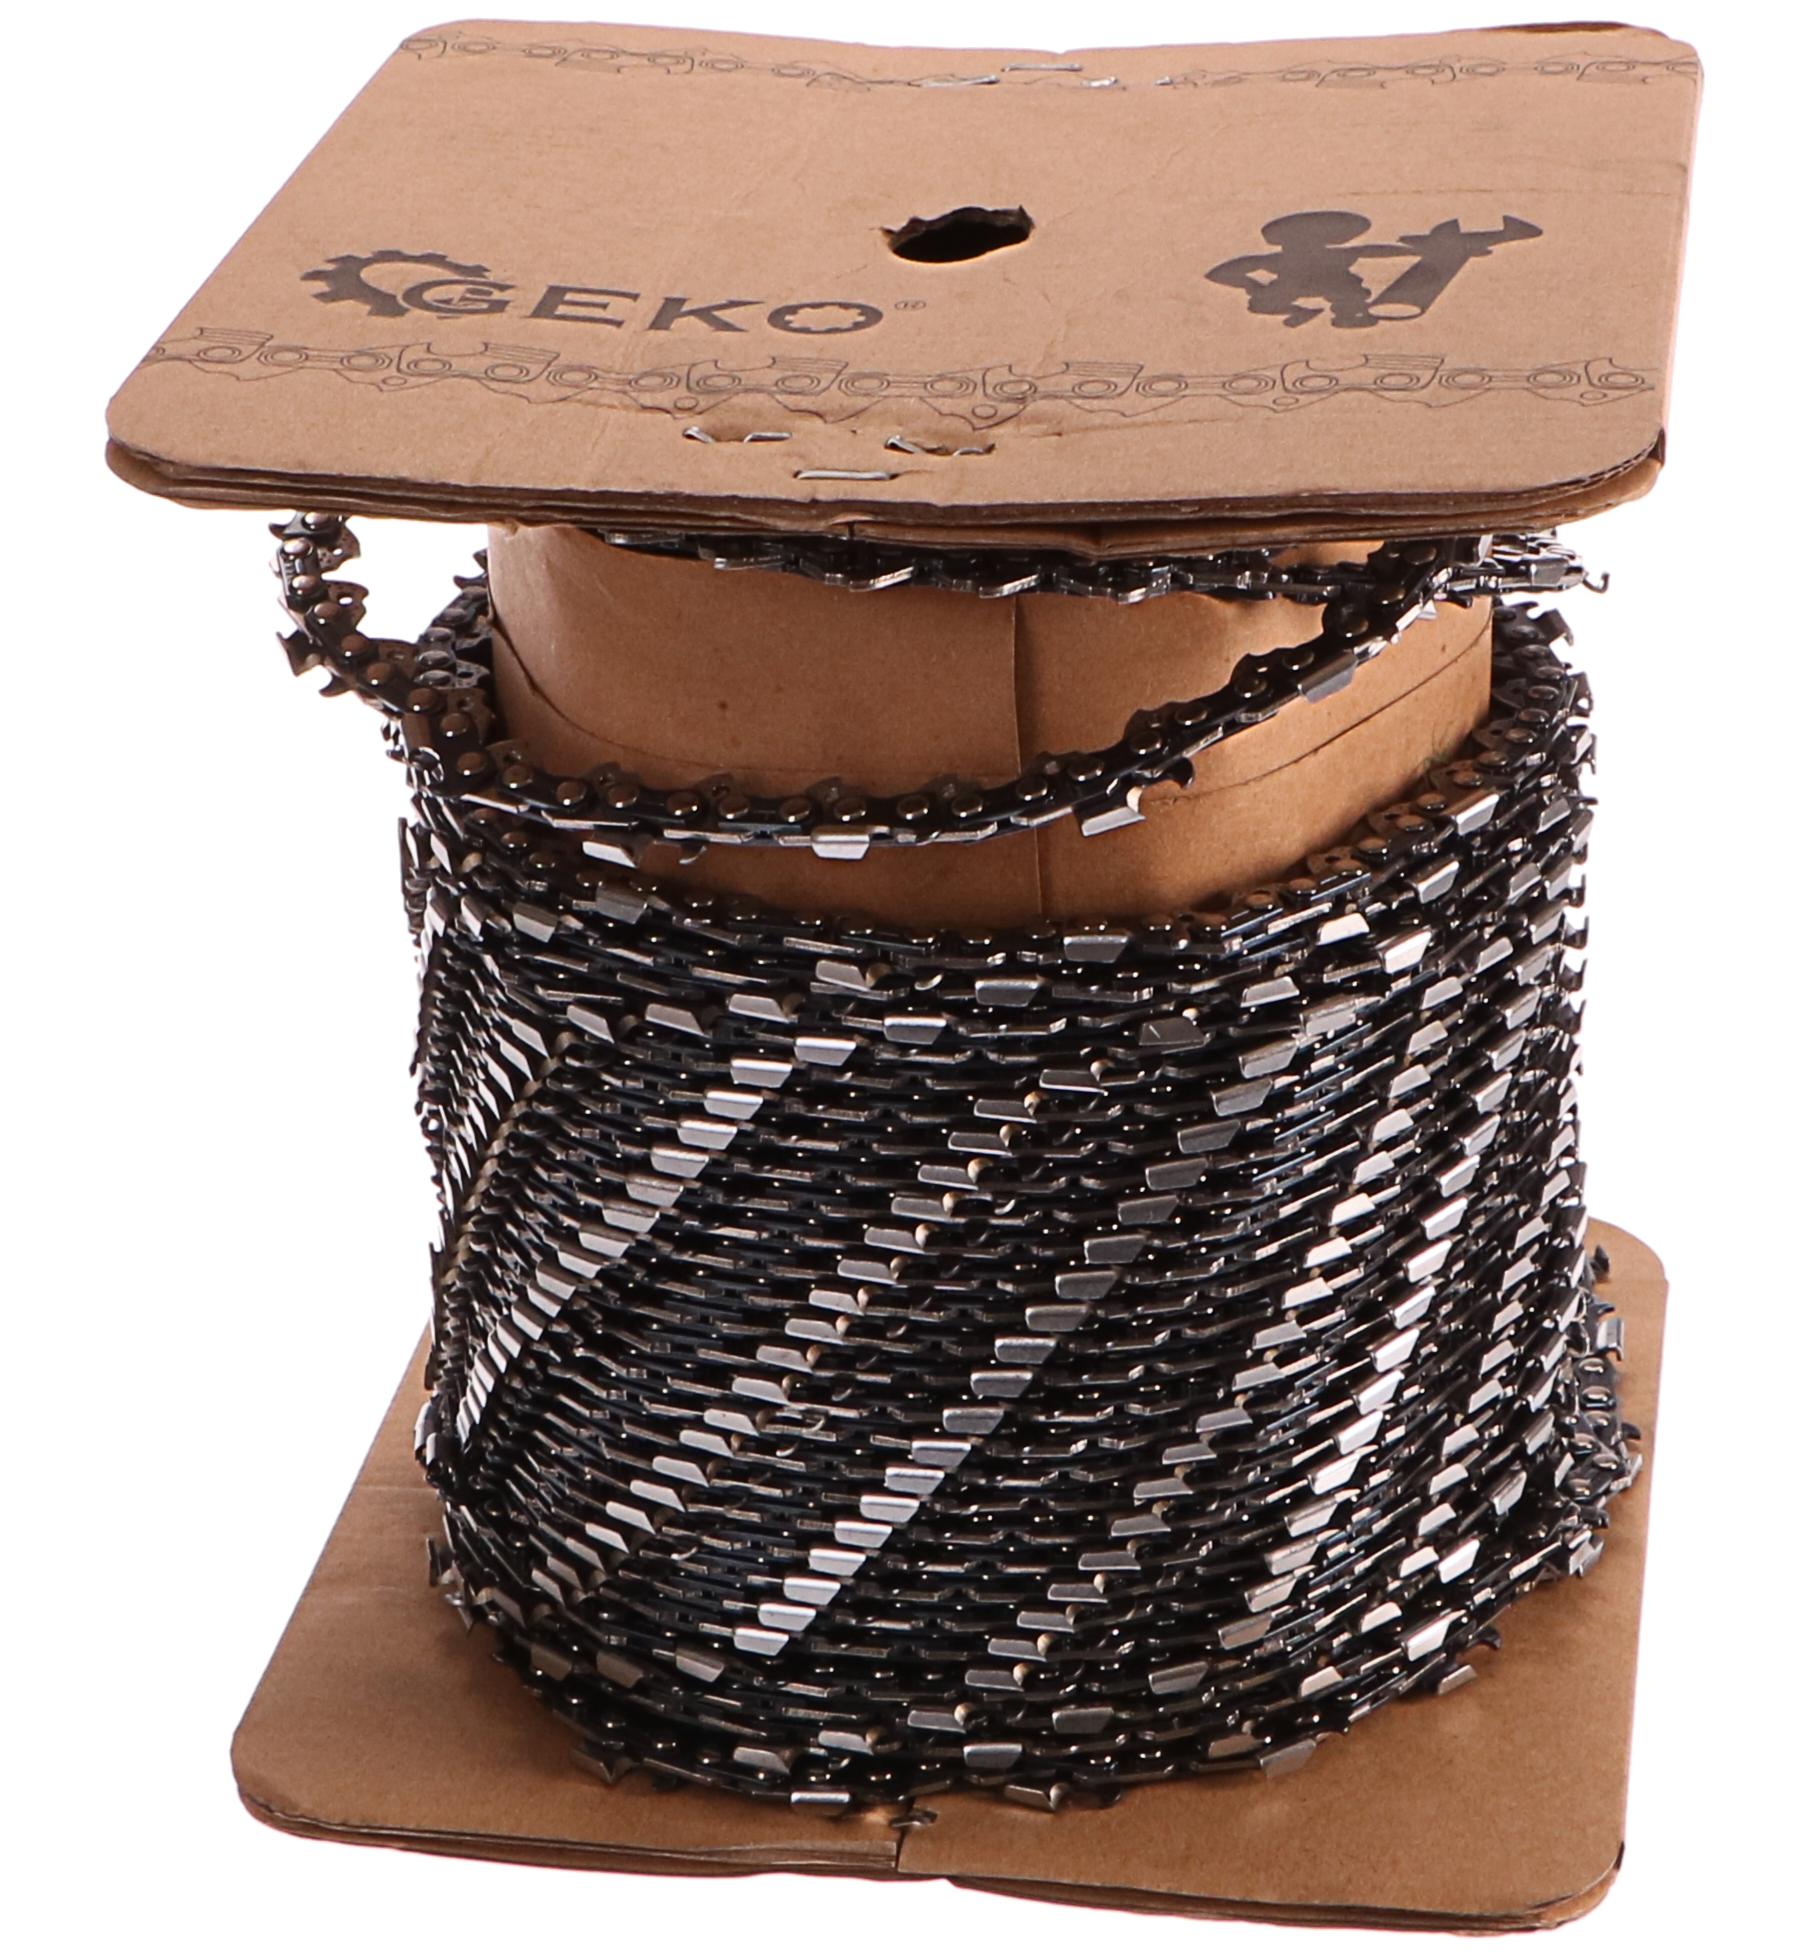 Řetěz pilový role, 1840 článků, dělení 3,25, drážka 1,5mm, GEKO